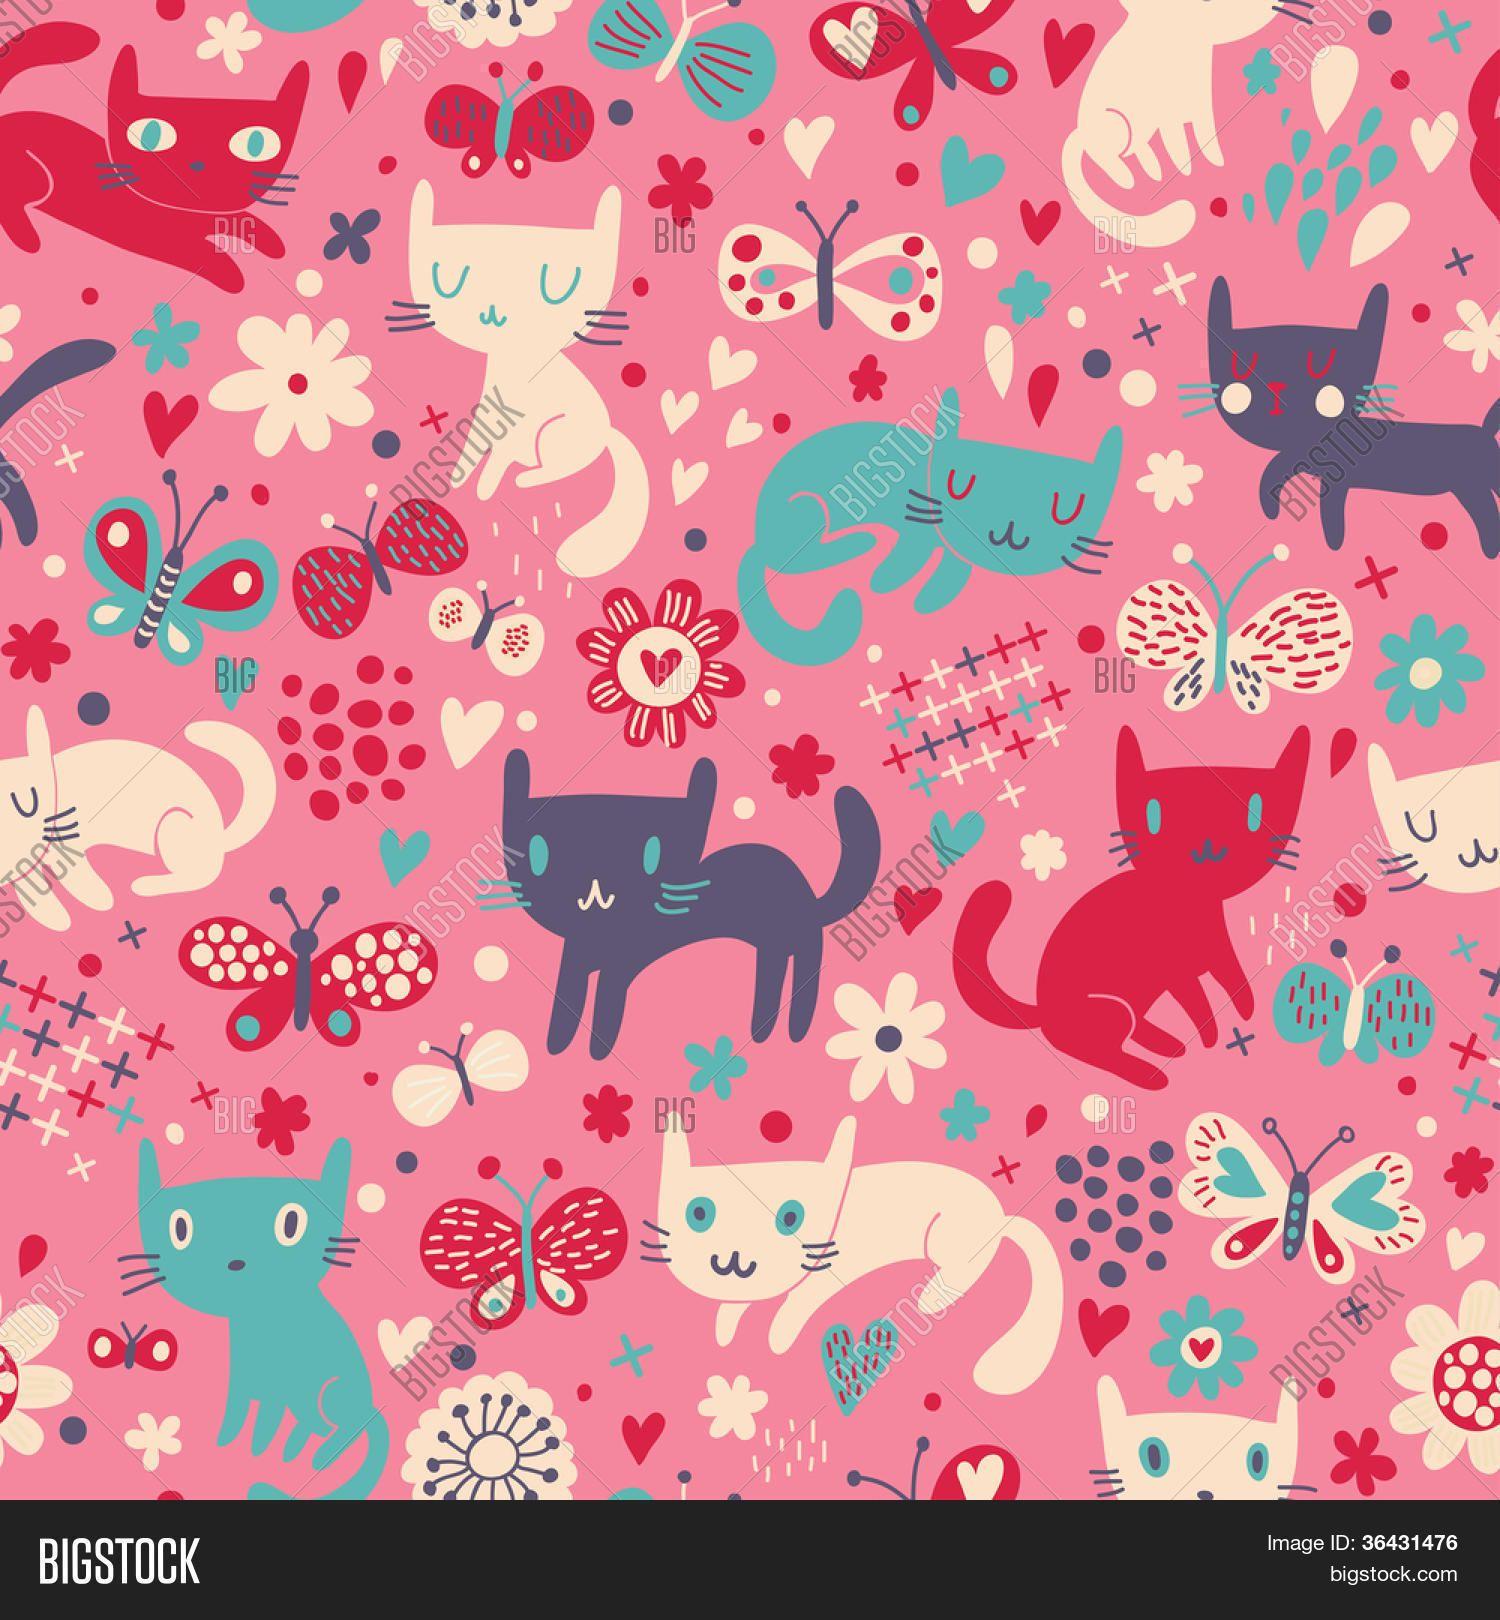 imagenes de fondos de gatos animados - Buscar con Google ...